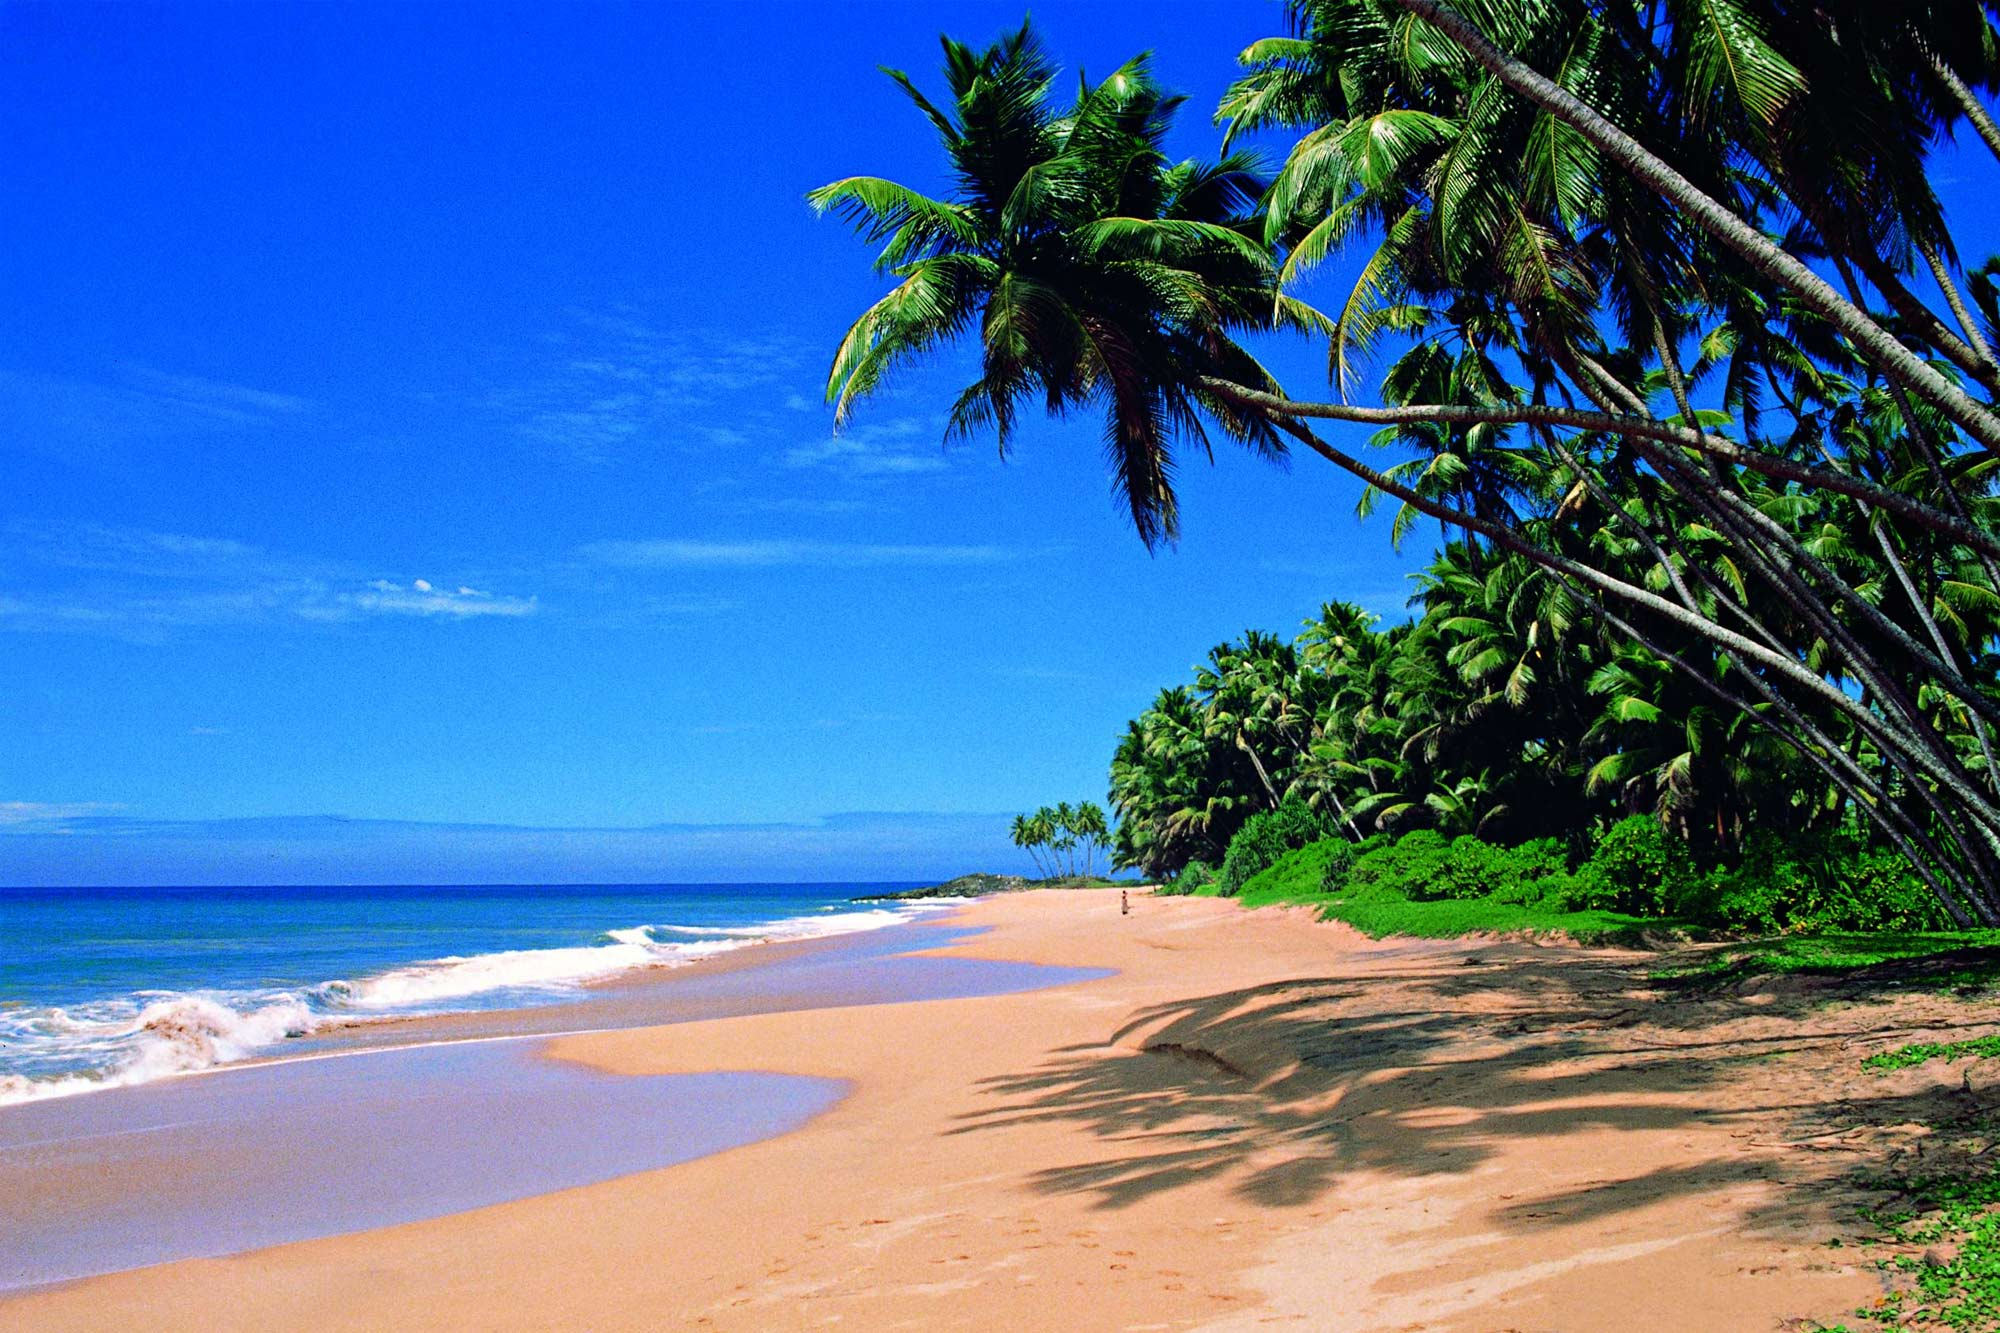 Tangalle beaches sri lanka travel destinations for Best beach travel destinations